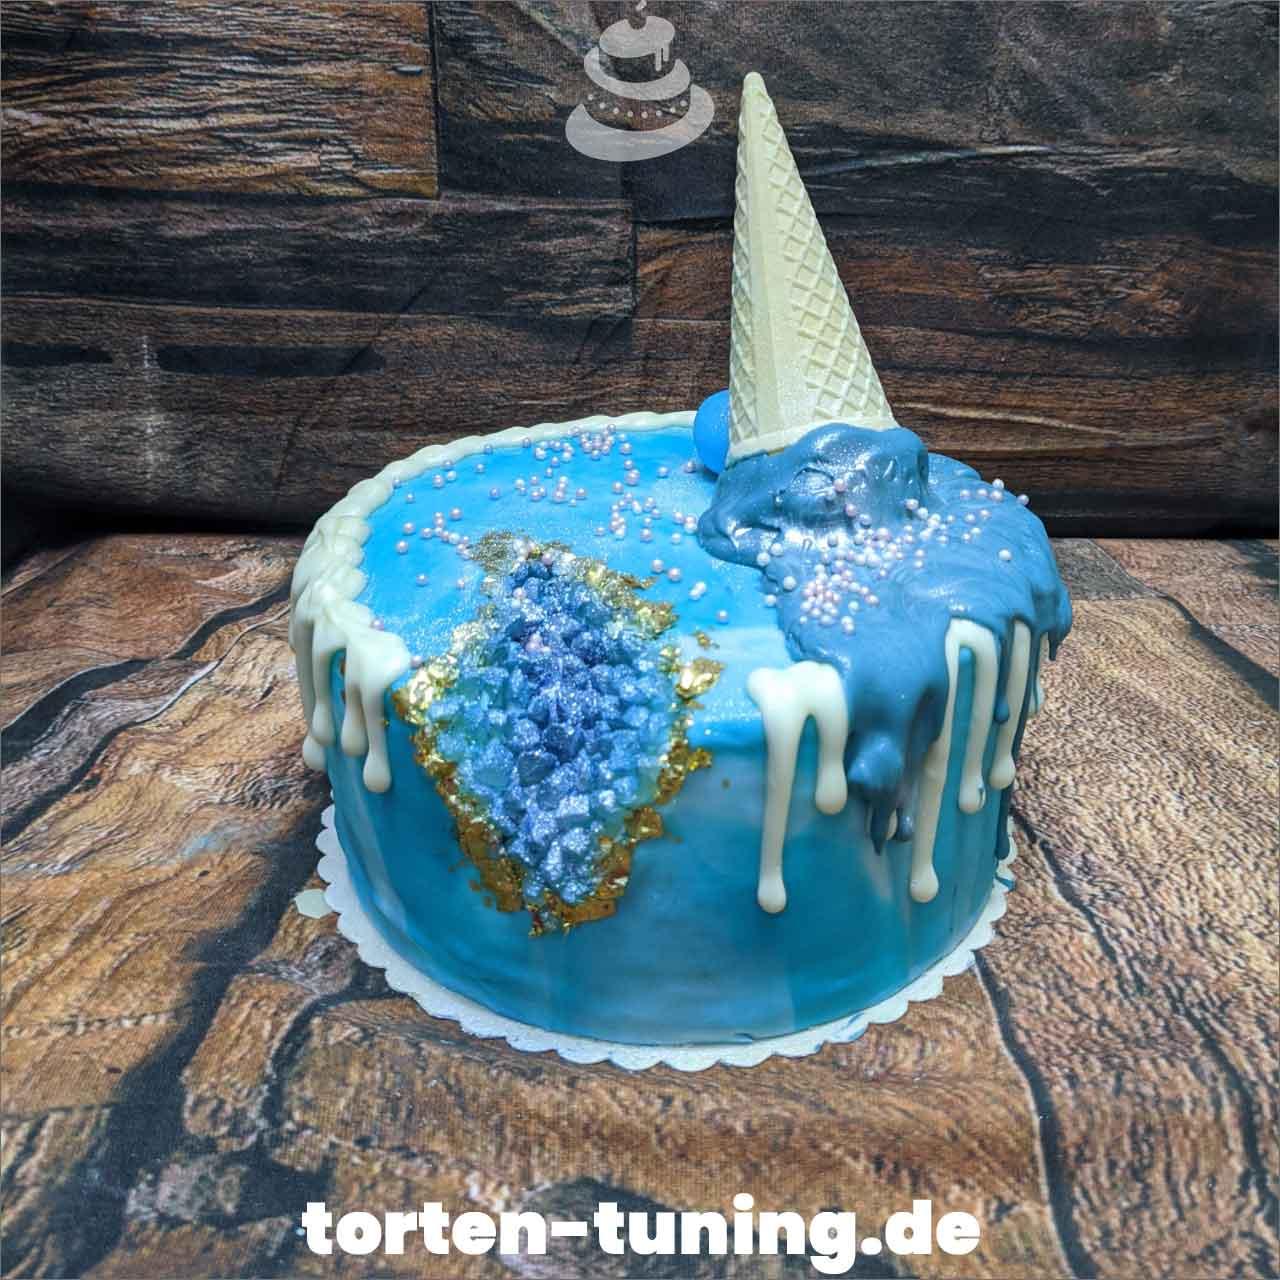 Gerodecake blaue Torte Obsttorte Geburtstagstorte Motivtorte Torte Tortendekoration Torte online bestellen Suhl Thüringen Torten Tuning Sahnetorte Tortenfiguren Cake Topper